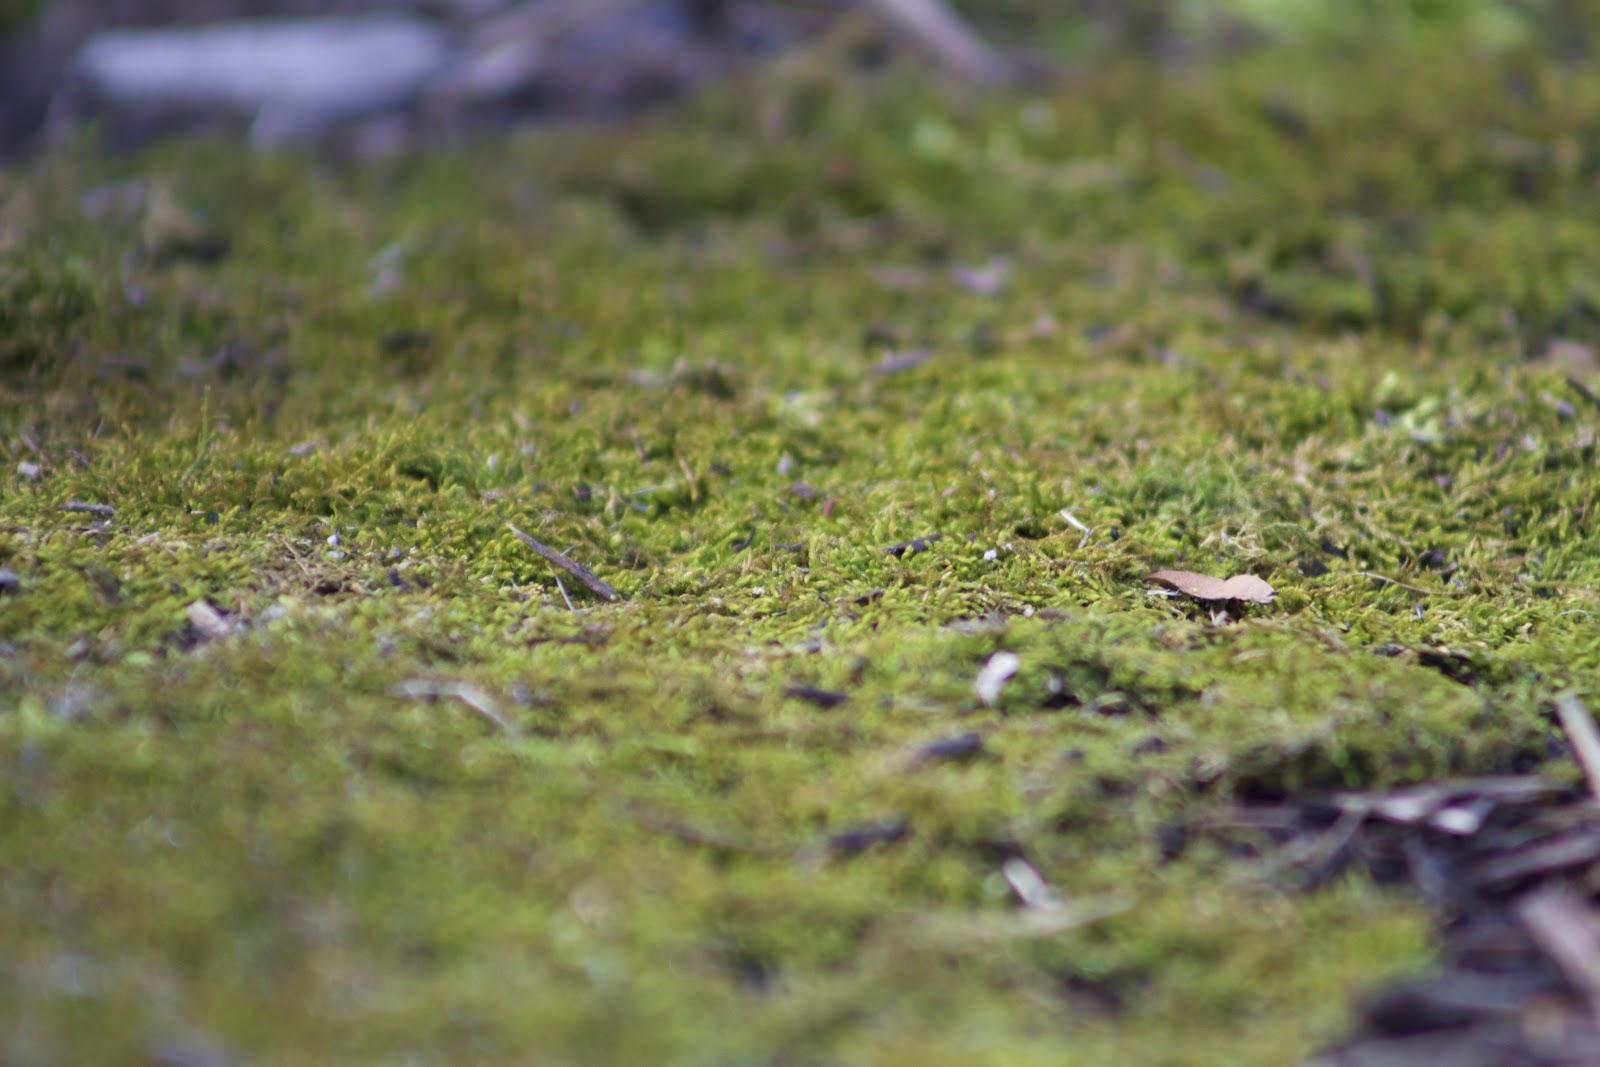 mat of Pleurocapous moss